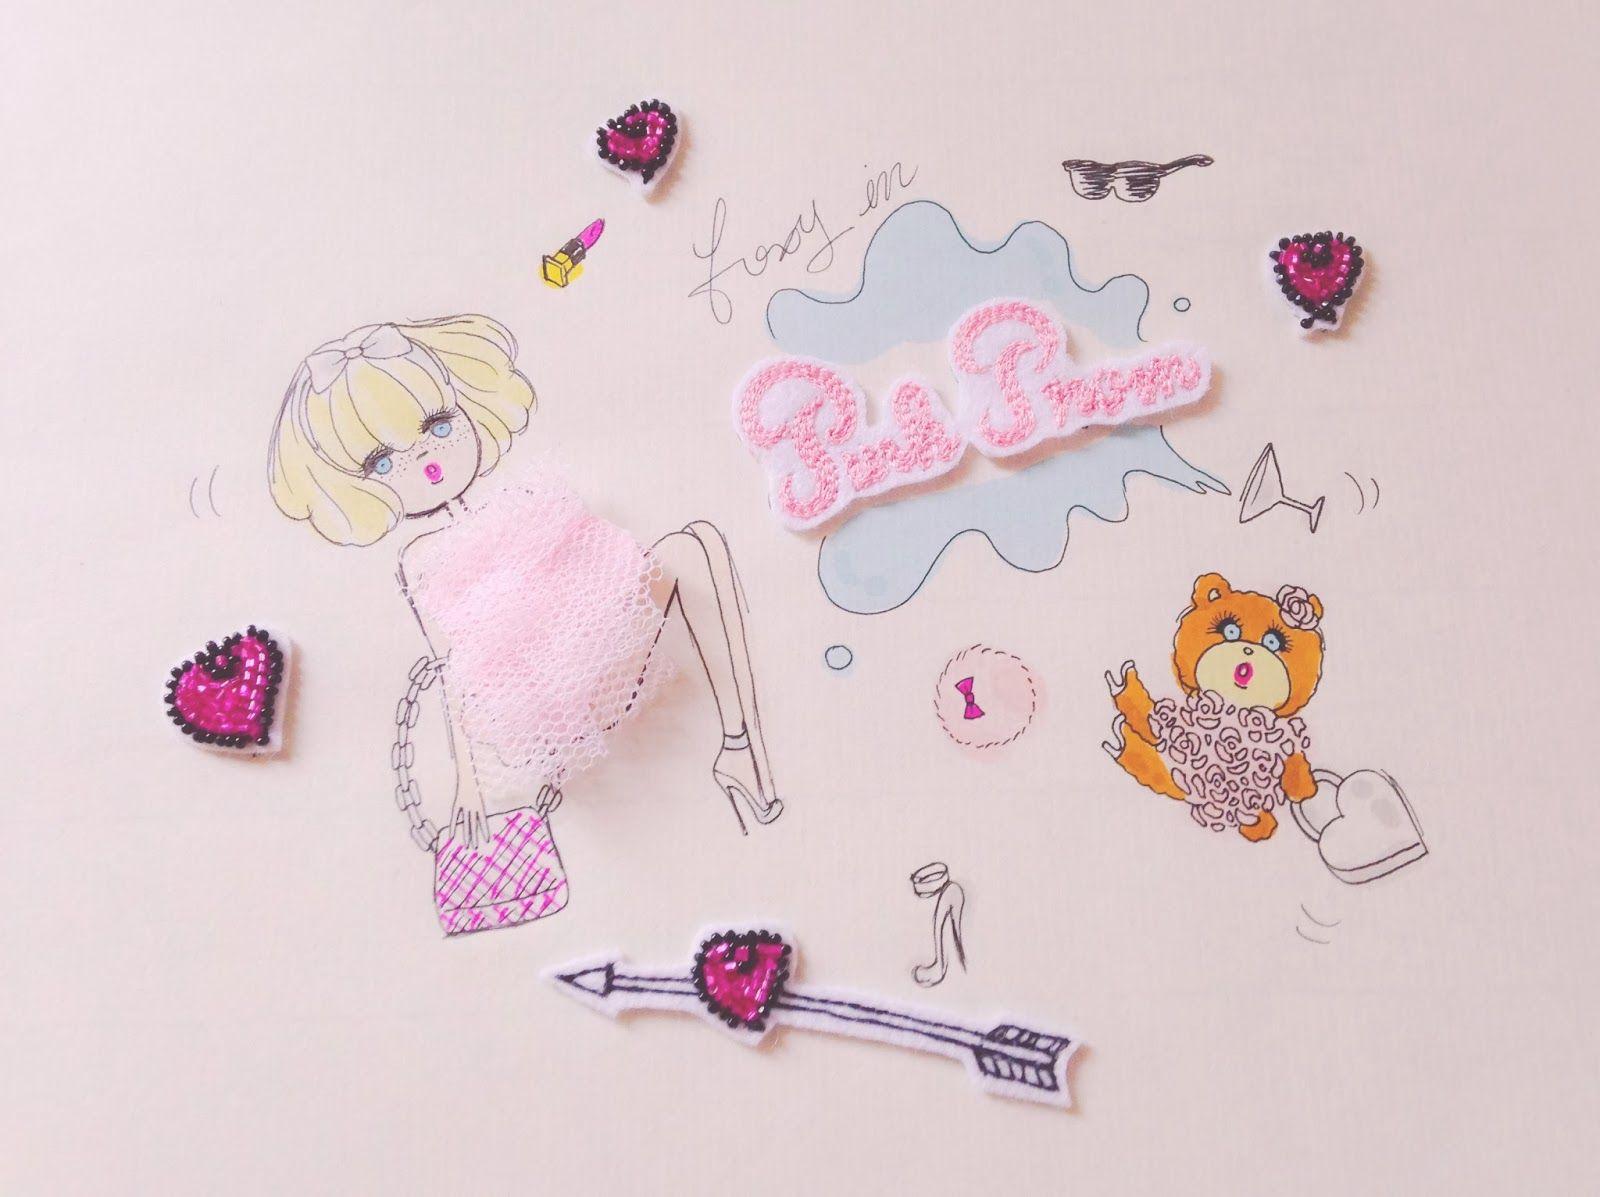 foxy illustrations | いらすと♡ | pinterest